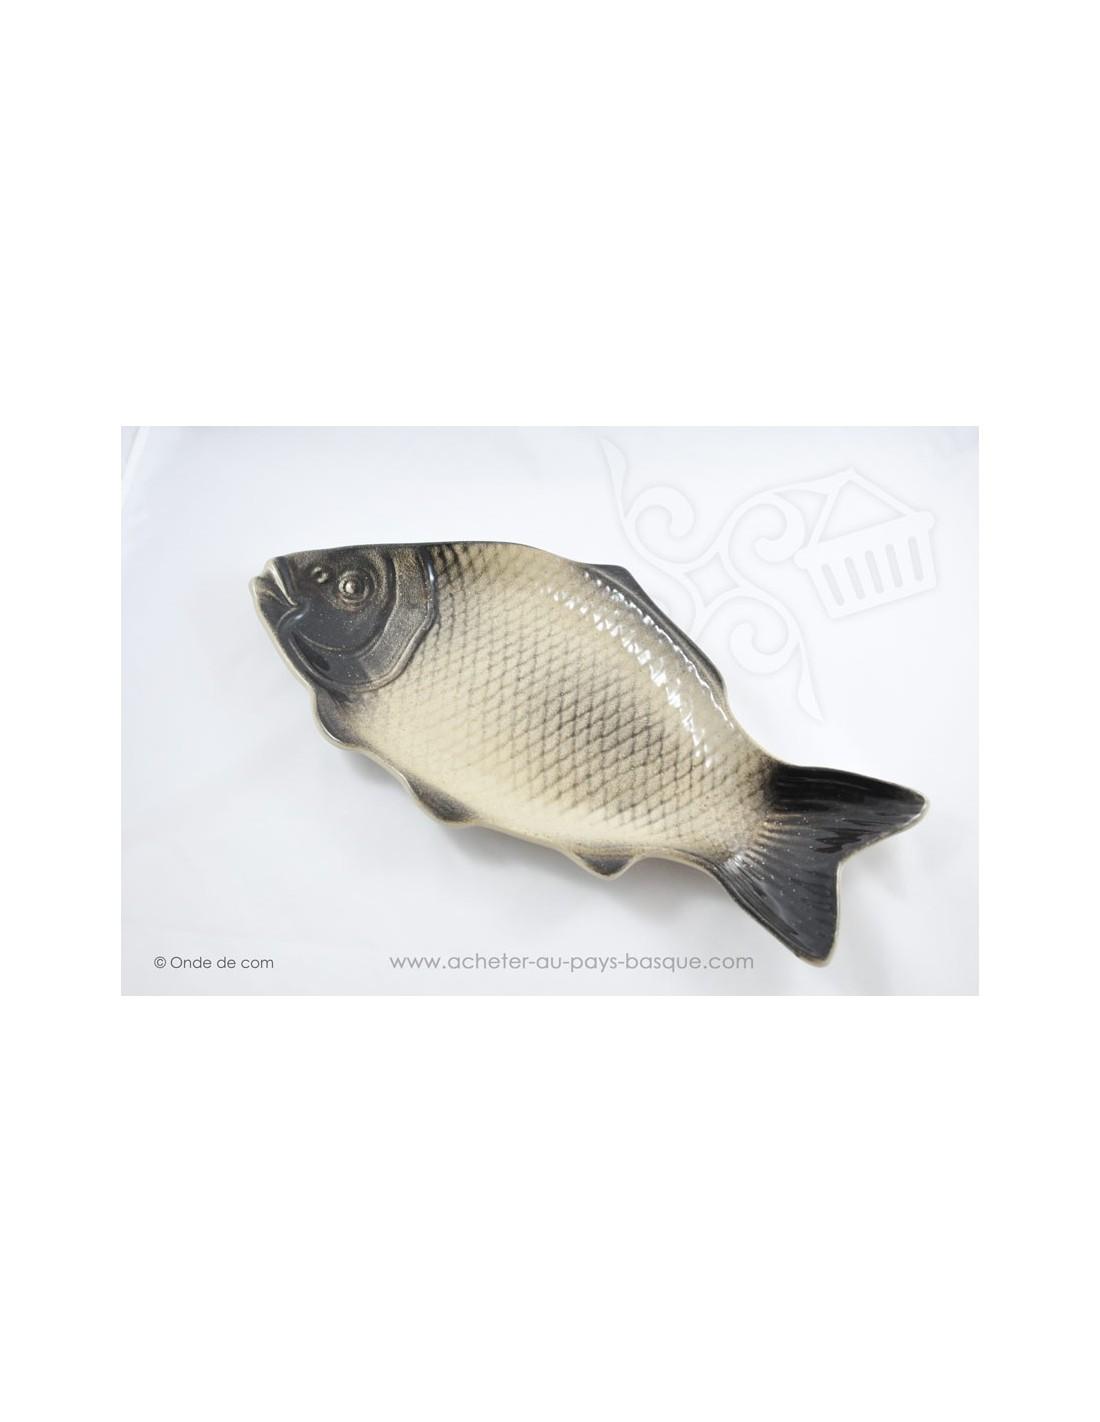 Plats service poissons c ramique for Poisson a acheter